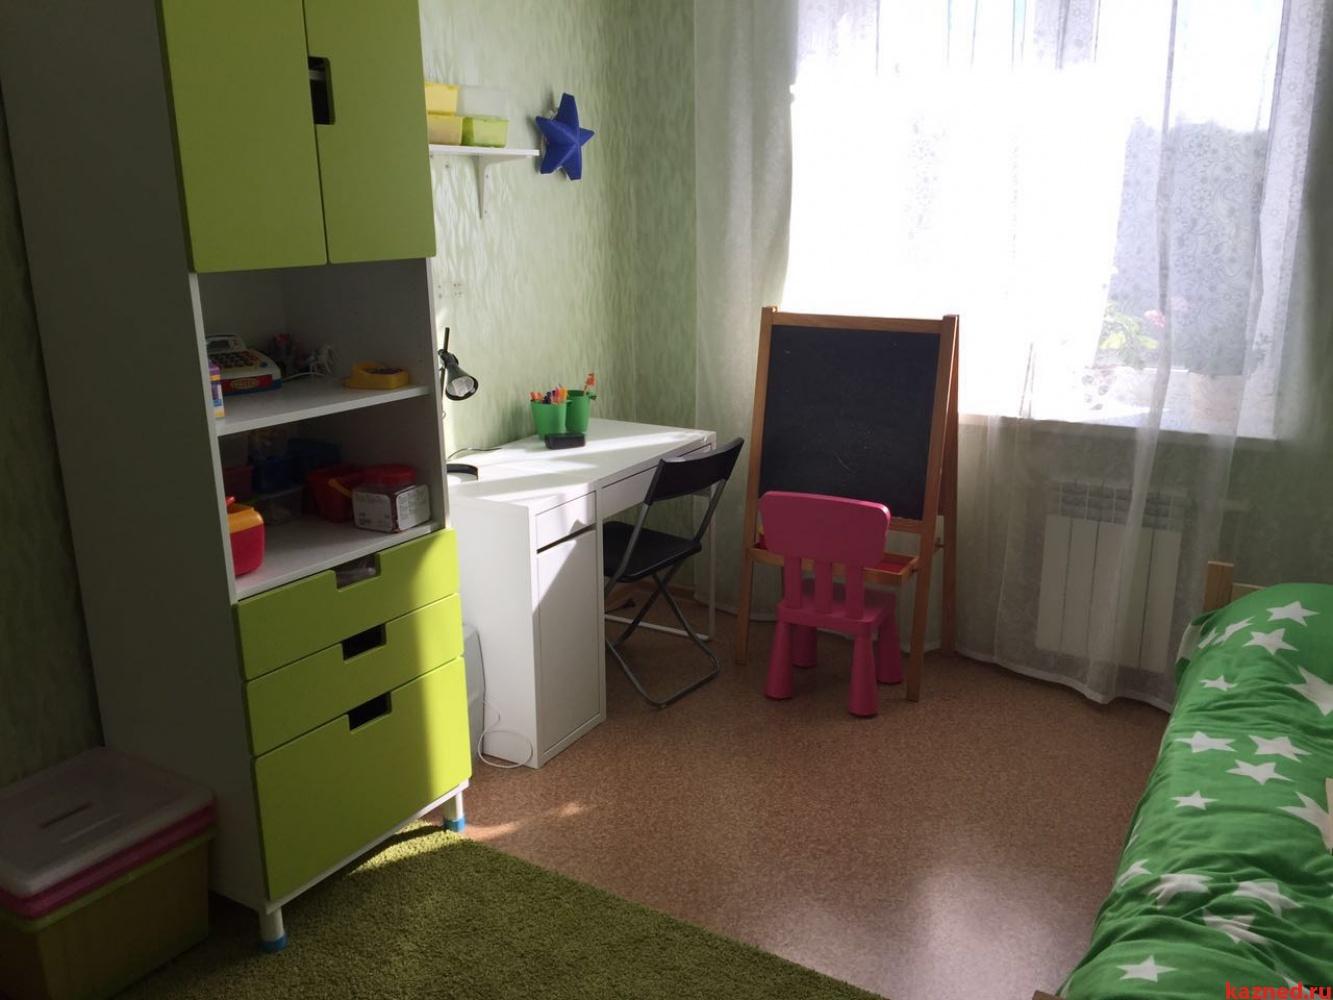 Продажа 3-к квартиры Станционная ул, 4, 82 м2  (миниатюра №6)